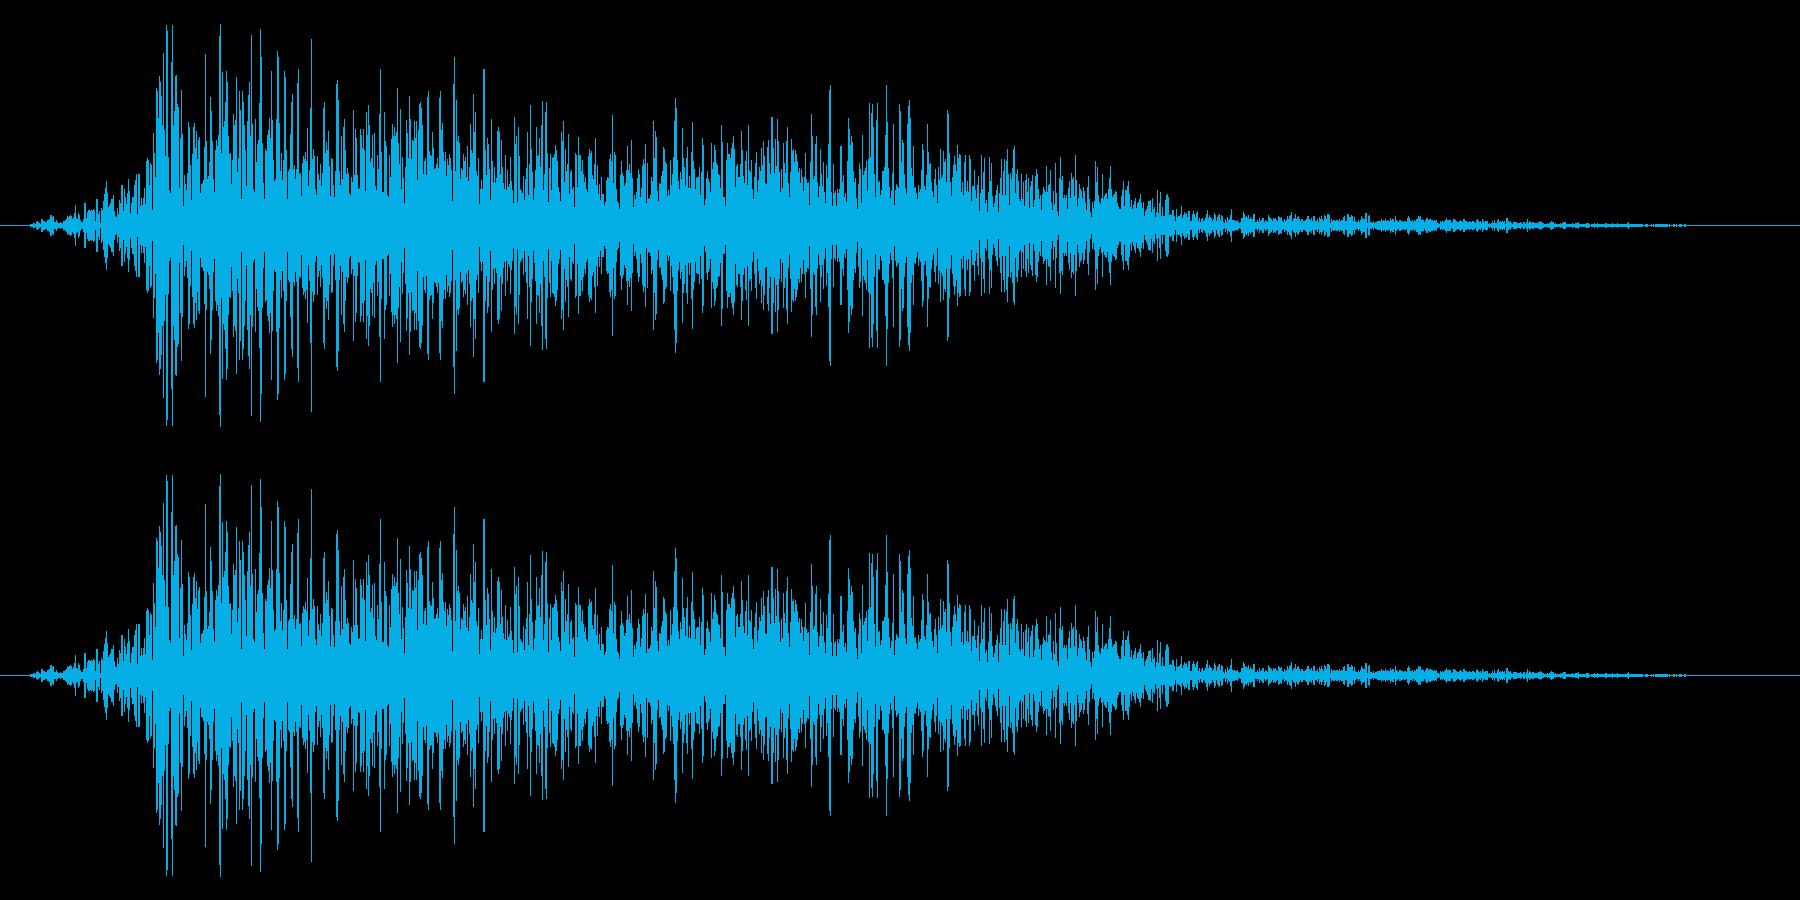 フライング ドラゴン ダメージ 弱の再生済みの波形